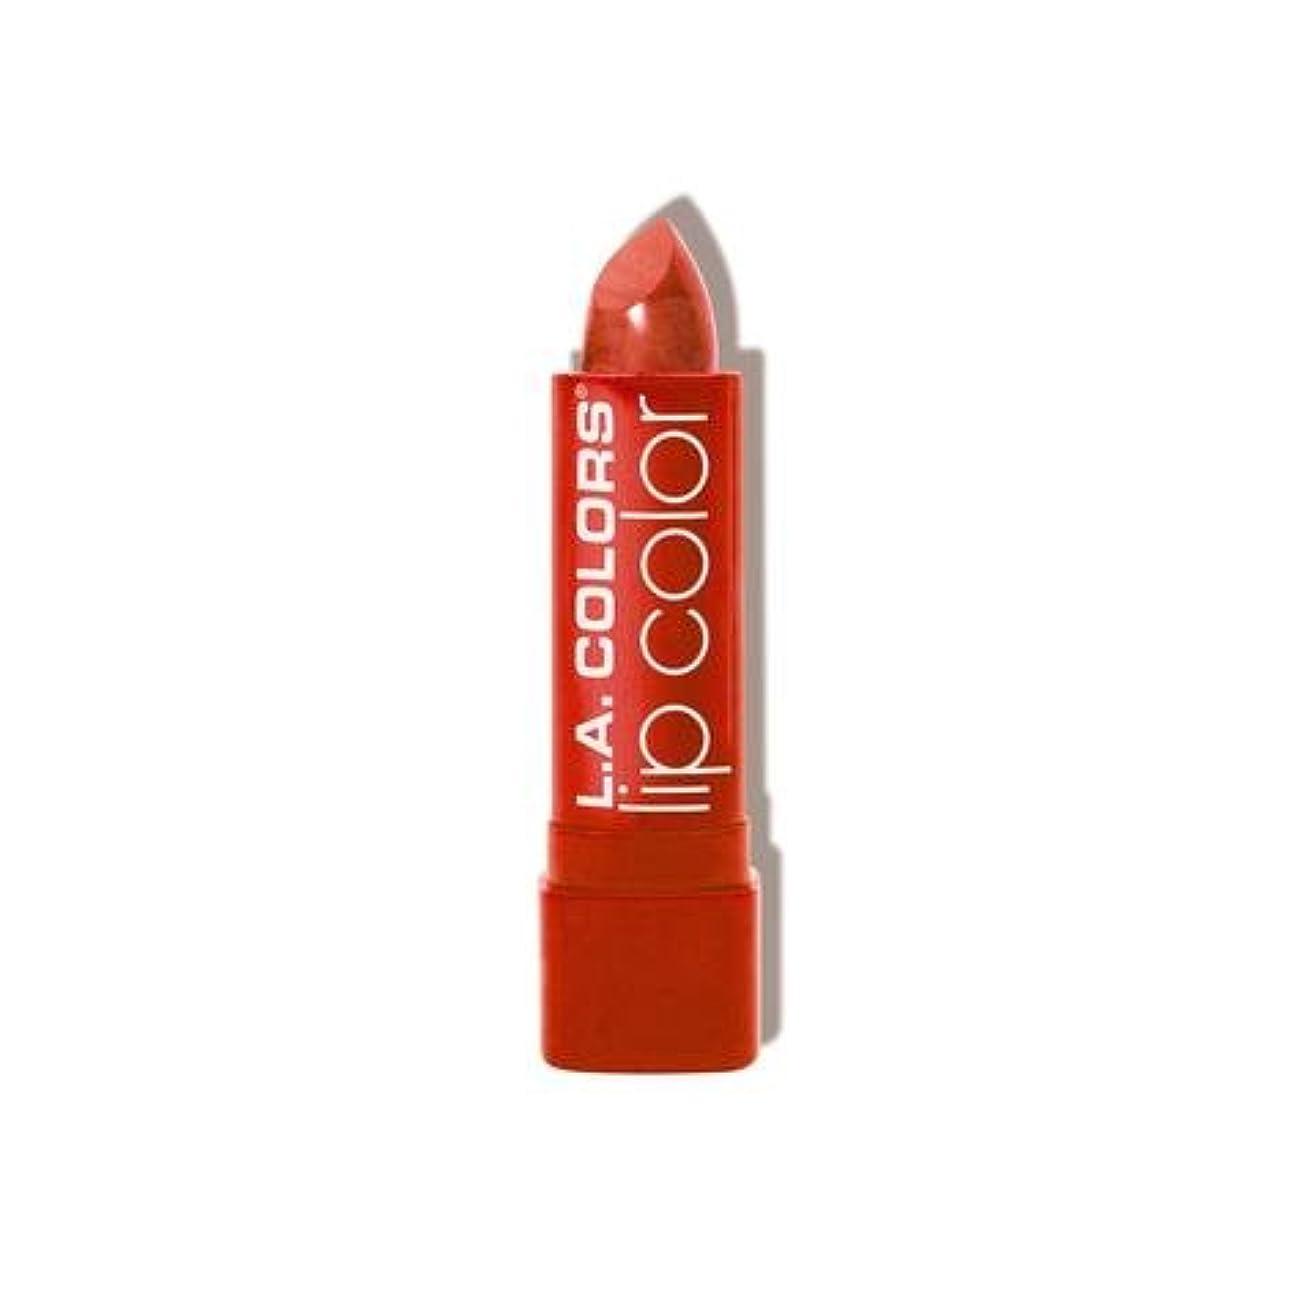 L.A. COLORS Moisture Rich Lip Color - Tropical (並行輸入品)